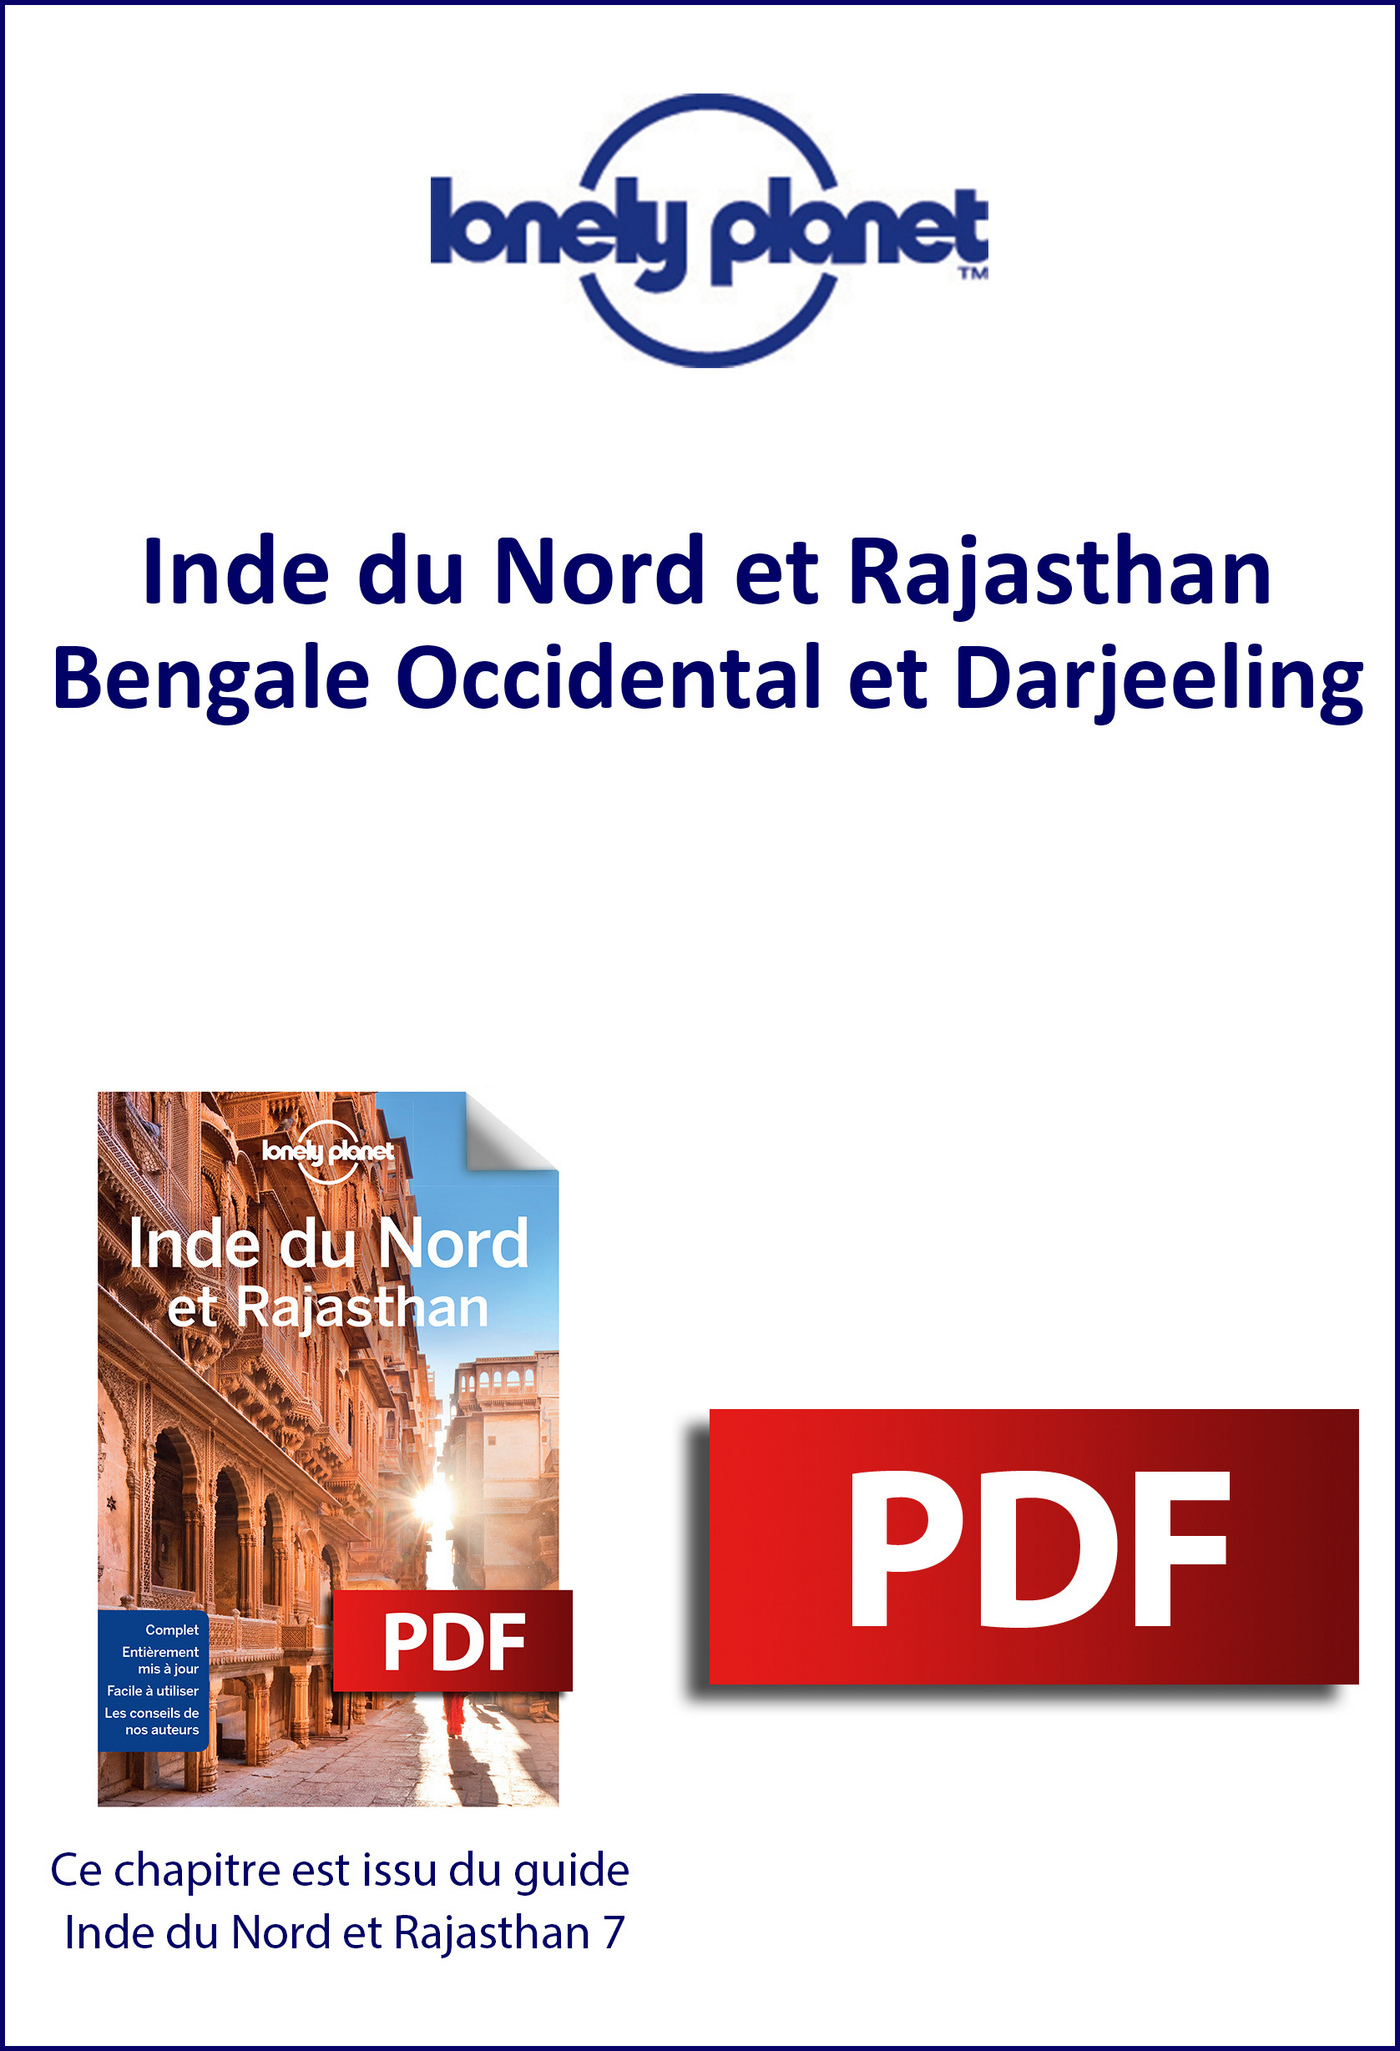 Inde du Nord - Bengale Occidental et Darjeeling